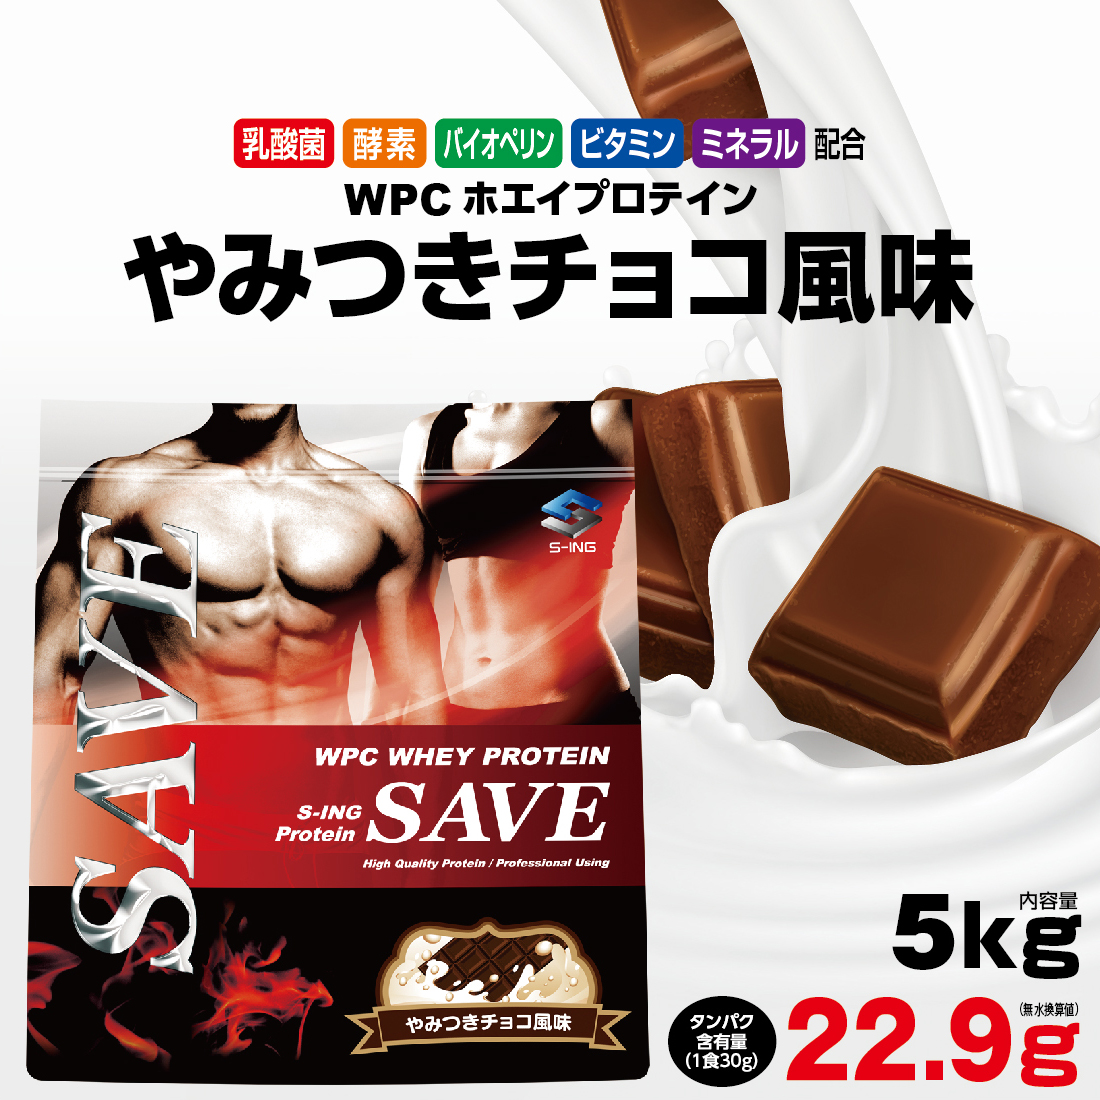 ホエイプロテイン 【送料無料】 SAVE プロテイン やみつきチョコ風味 5kg 美味しいWPC 乳酸菌・バイオペリン・エンザミン酵素配合